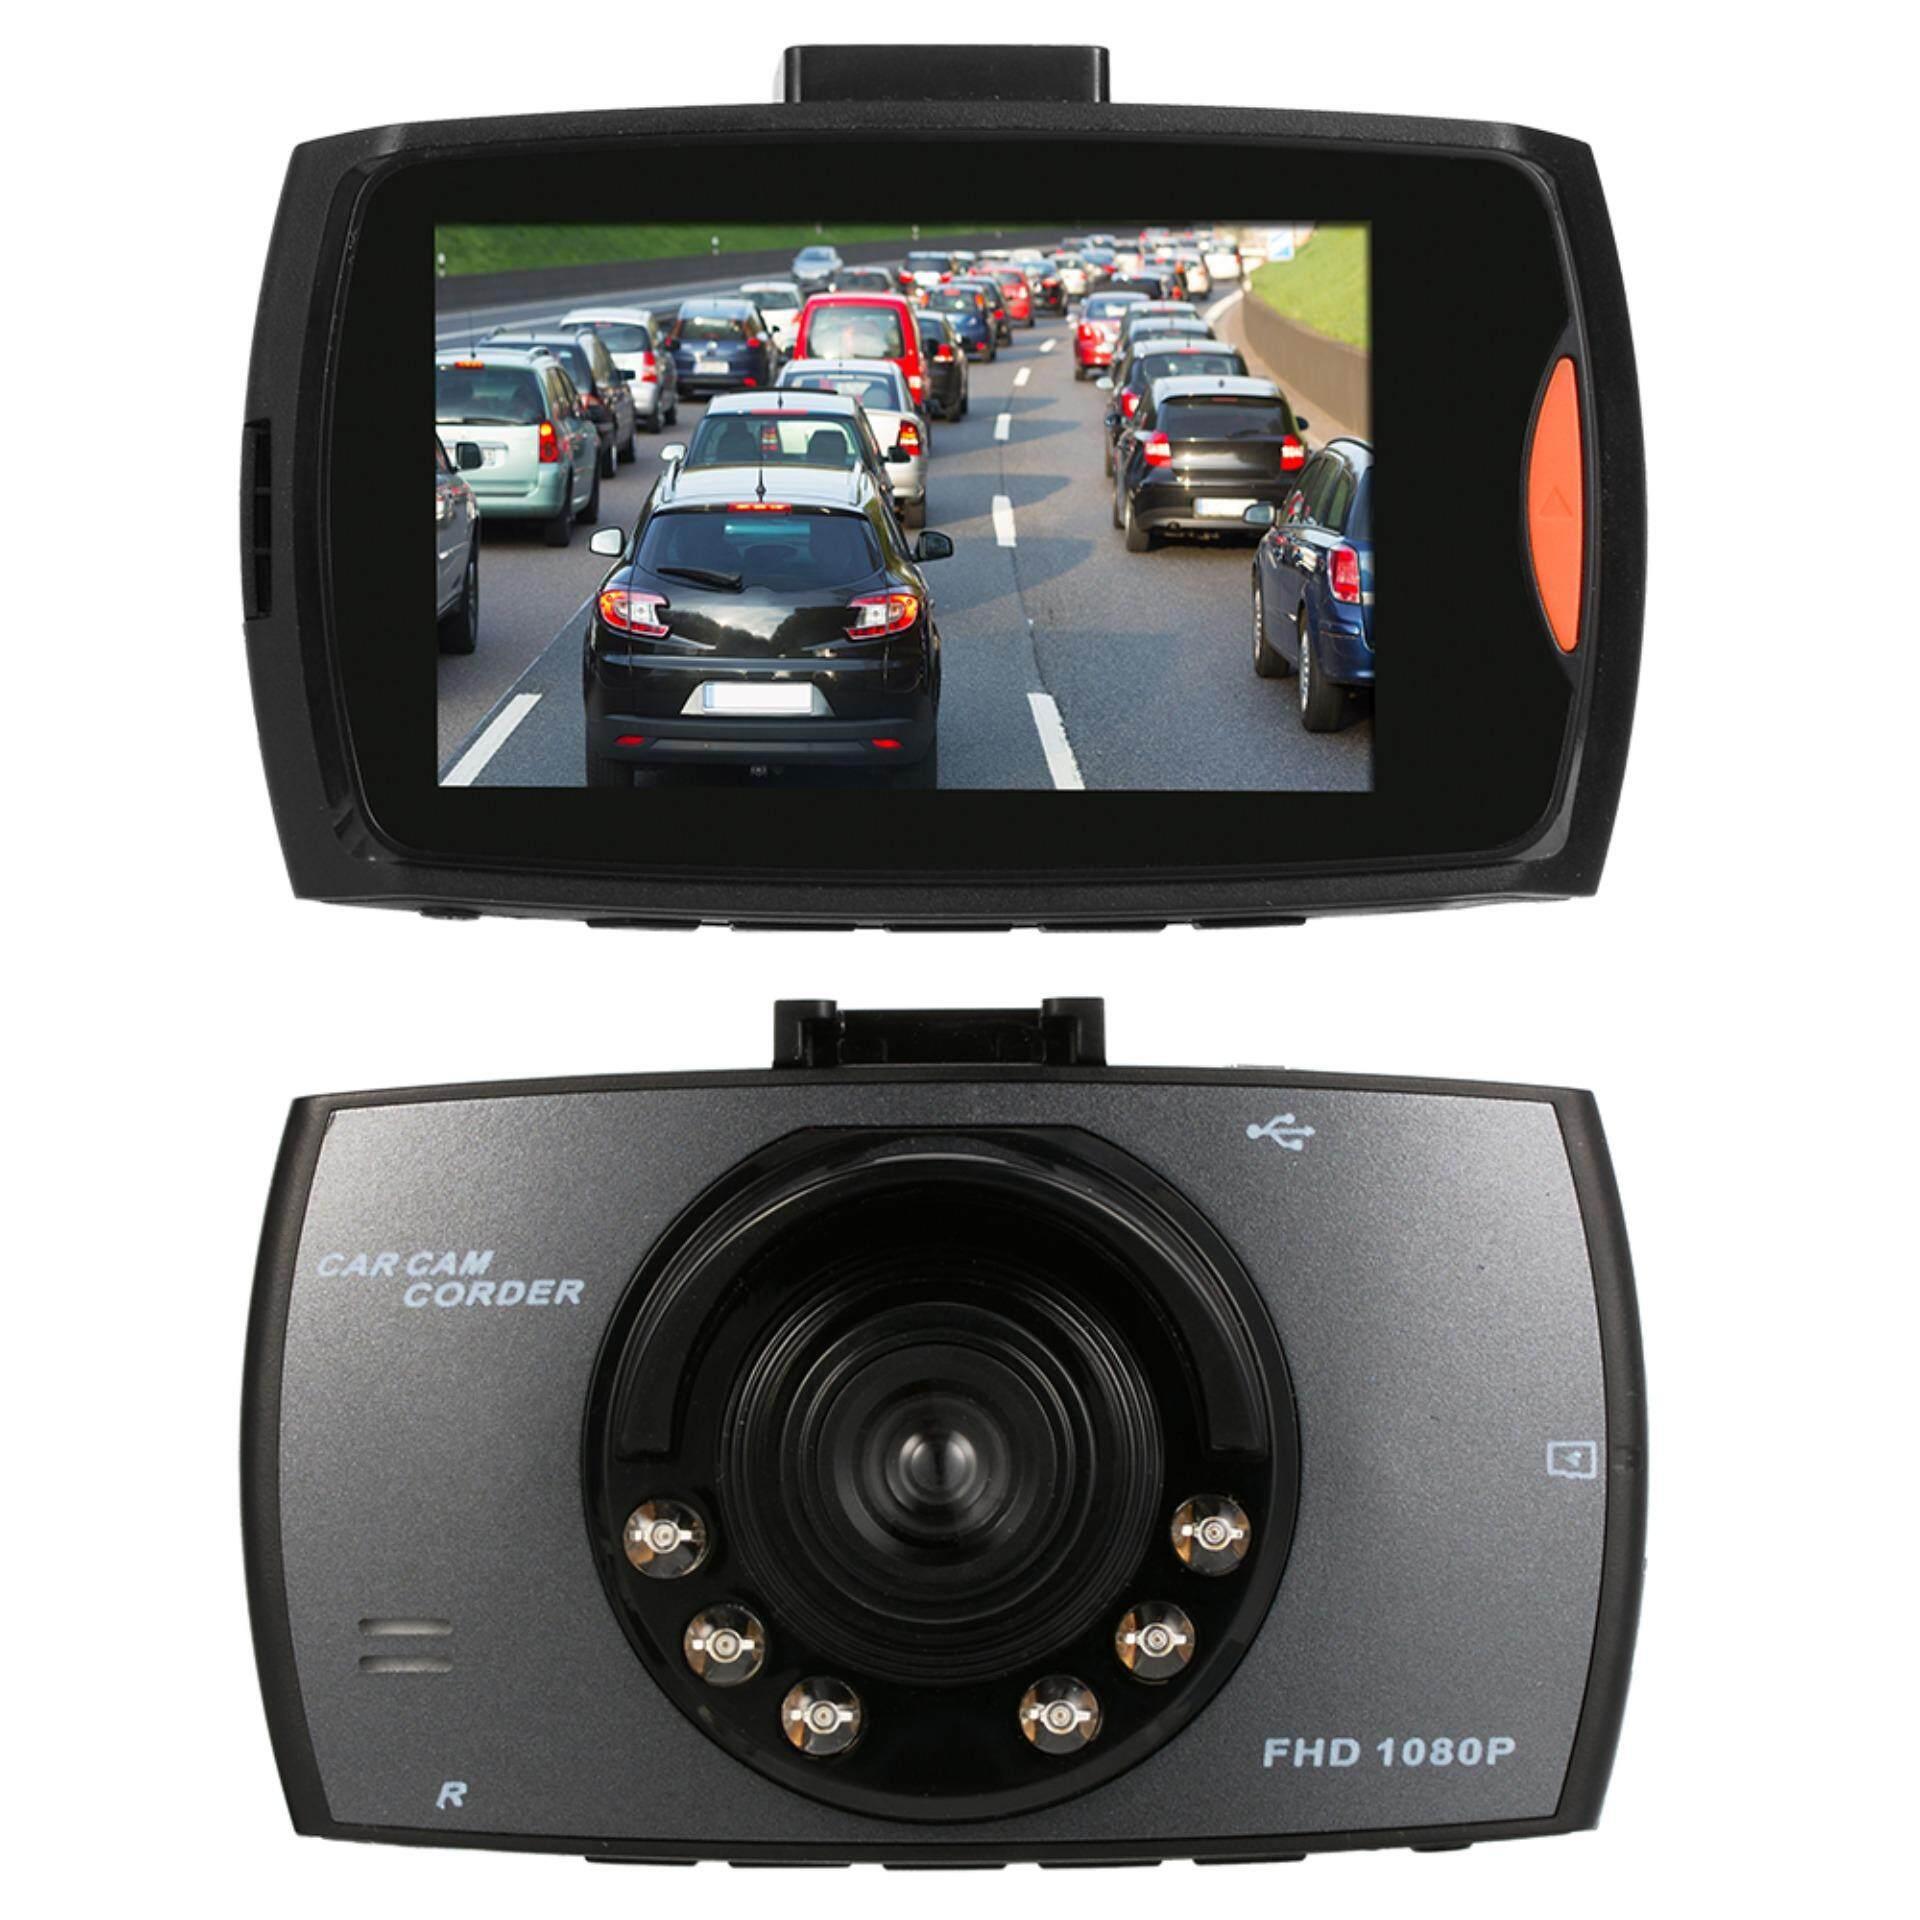 ราคา Xcsource กล้องติดรถยนต์ Hd 1080P 170° Dual Lens Dvr Night Vision เป็นต้นฉบับ Xcsource